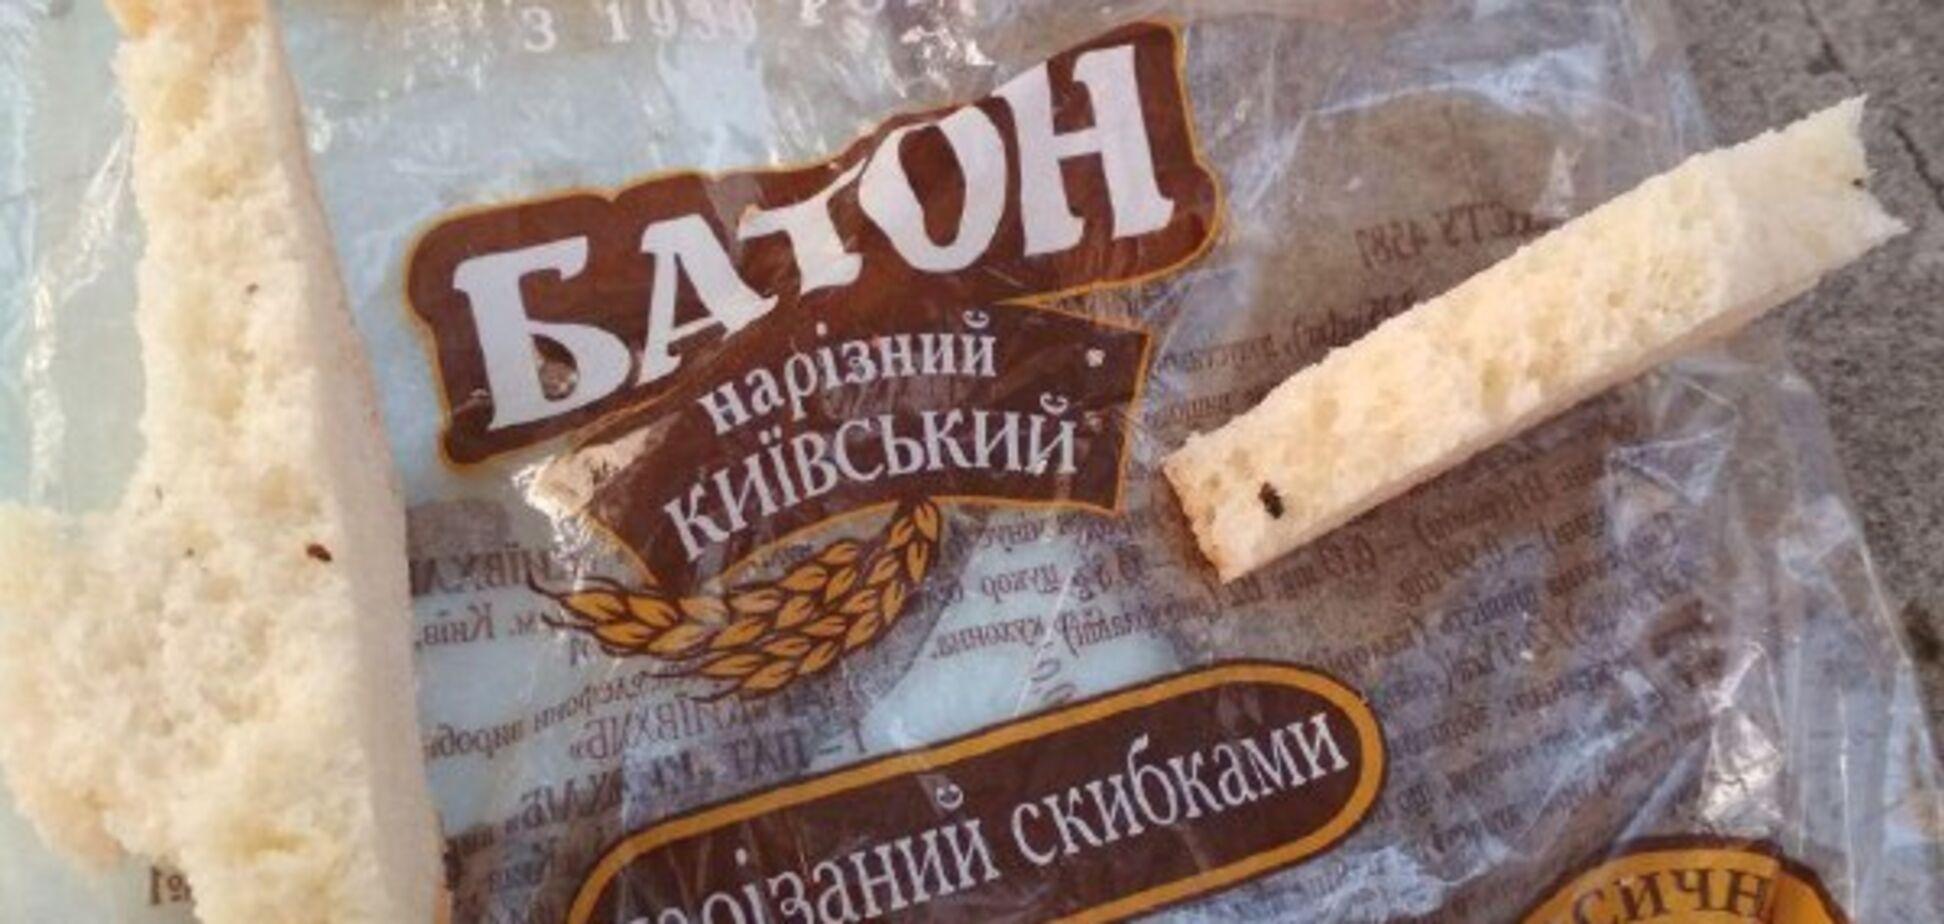 У супермаркеті Києва виявили хліб з личинками: фото